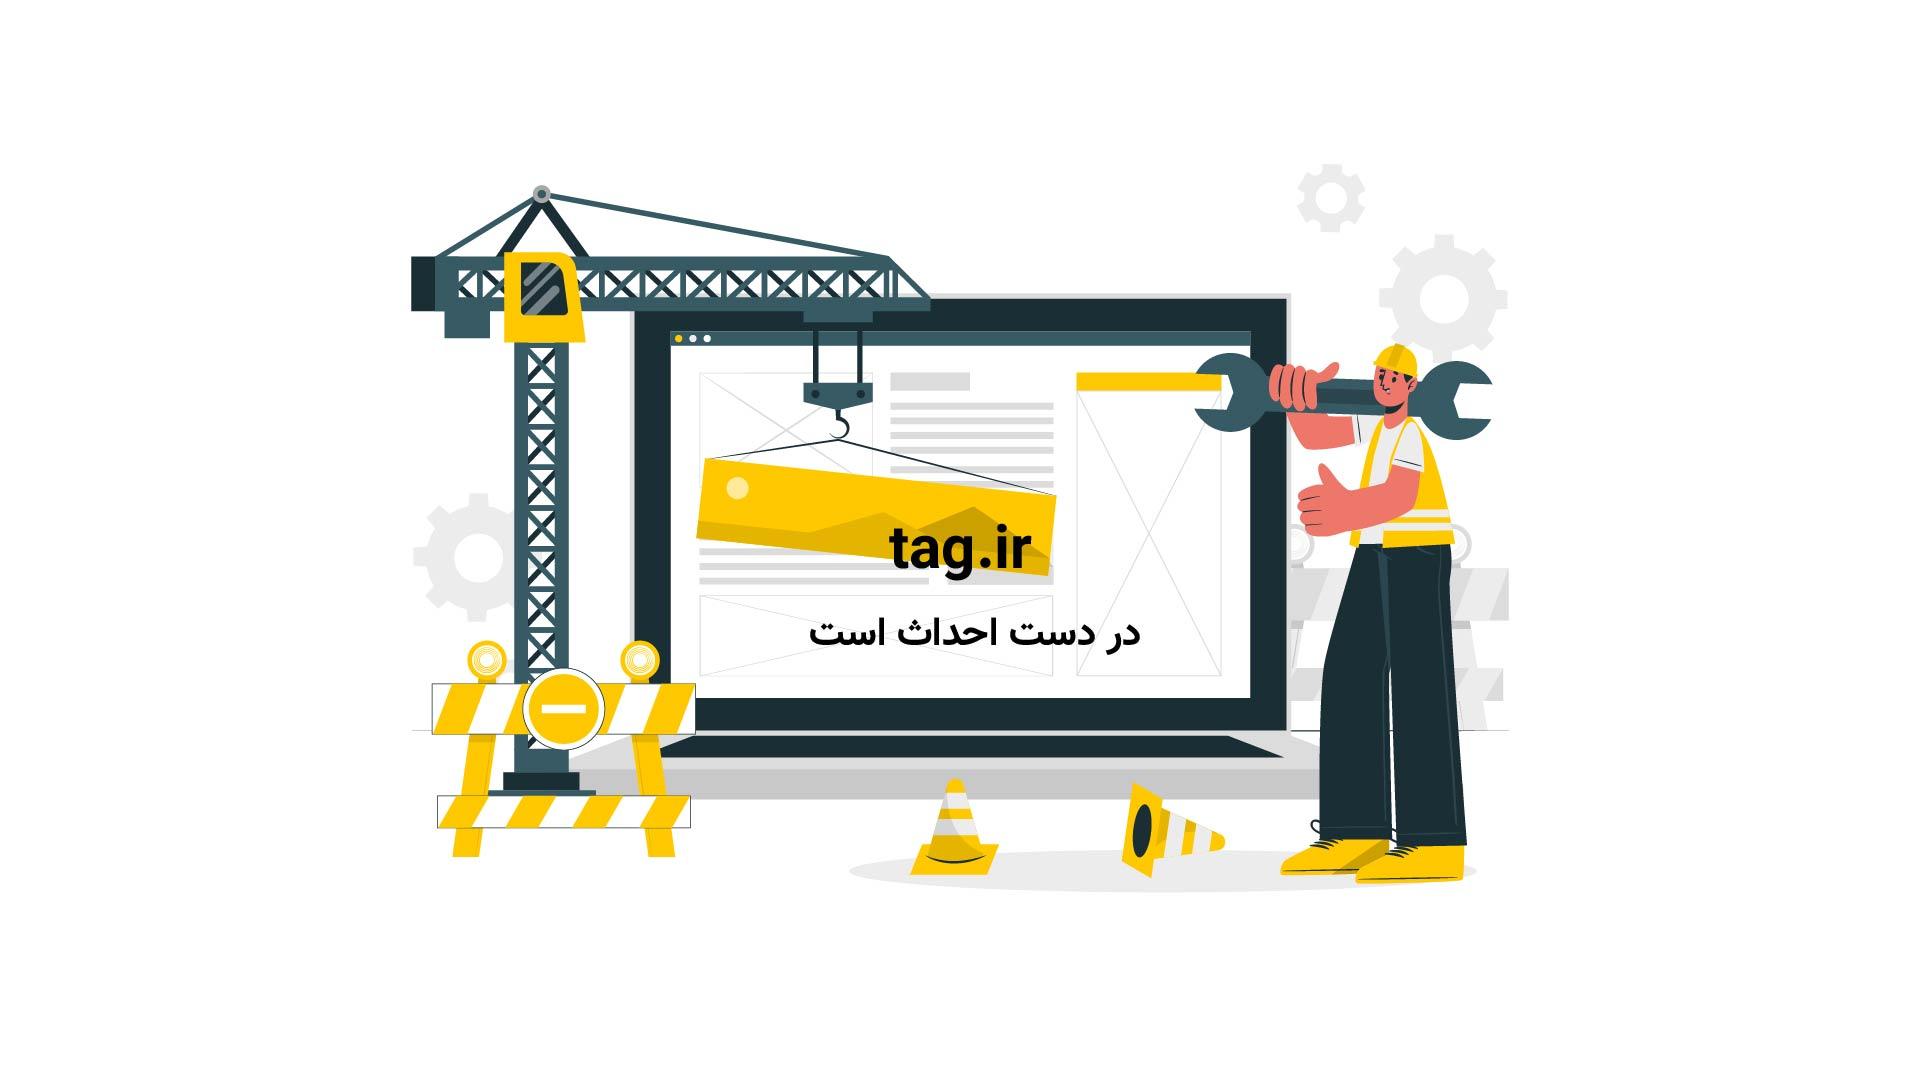 عناوین روزنامه های اقتصادی دوشنبه 19 تیر | فیلم